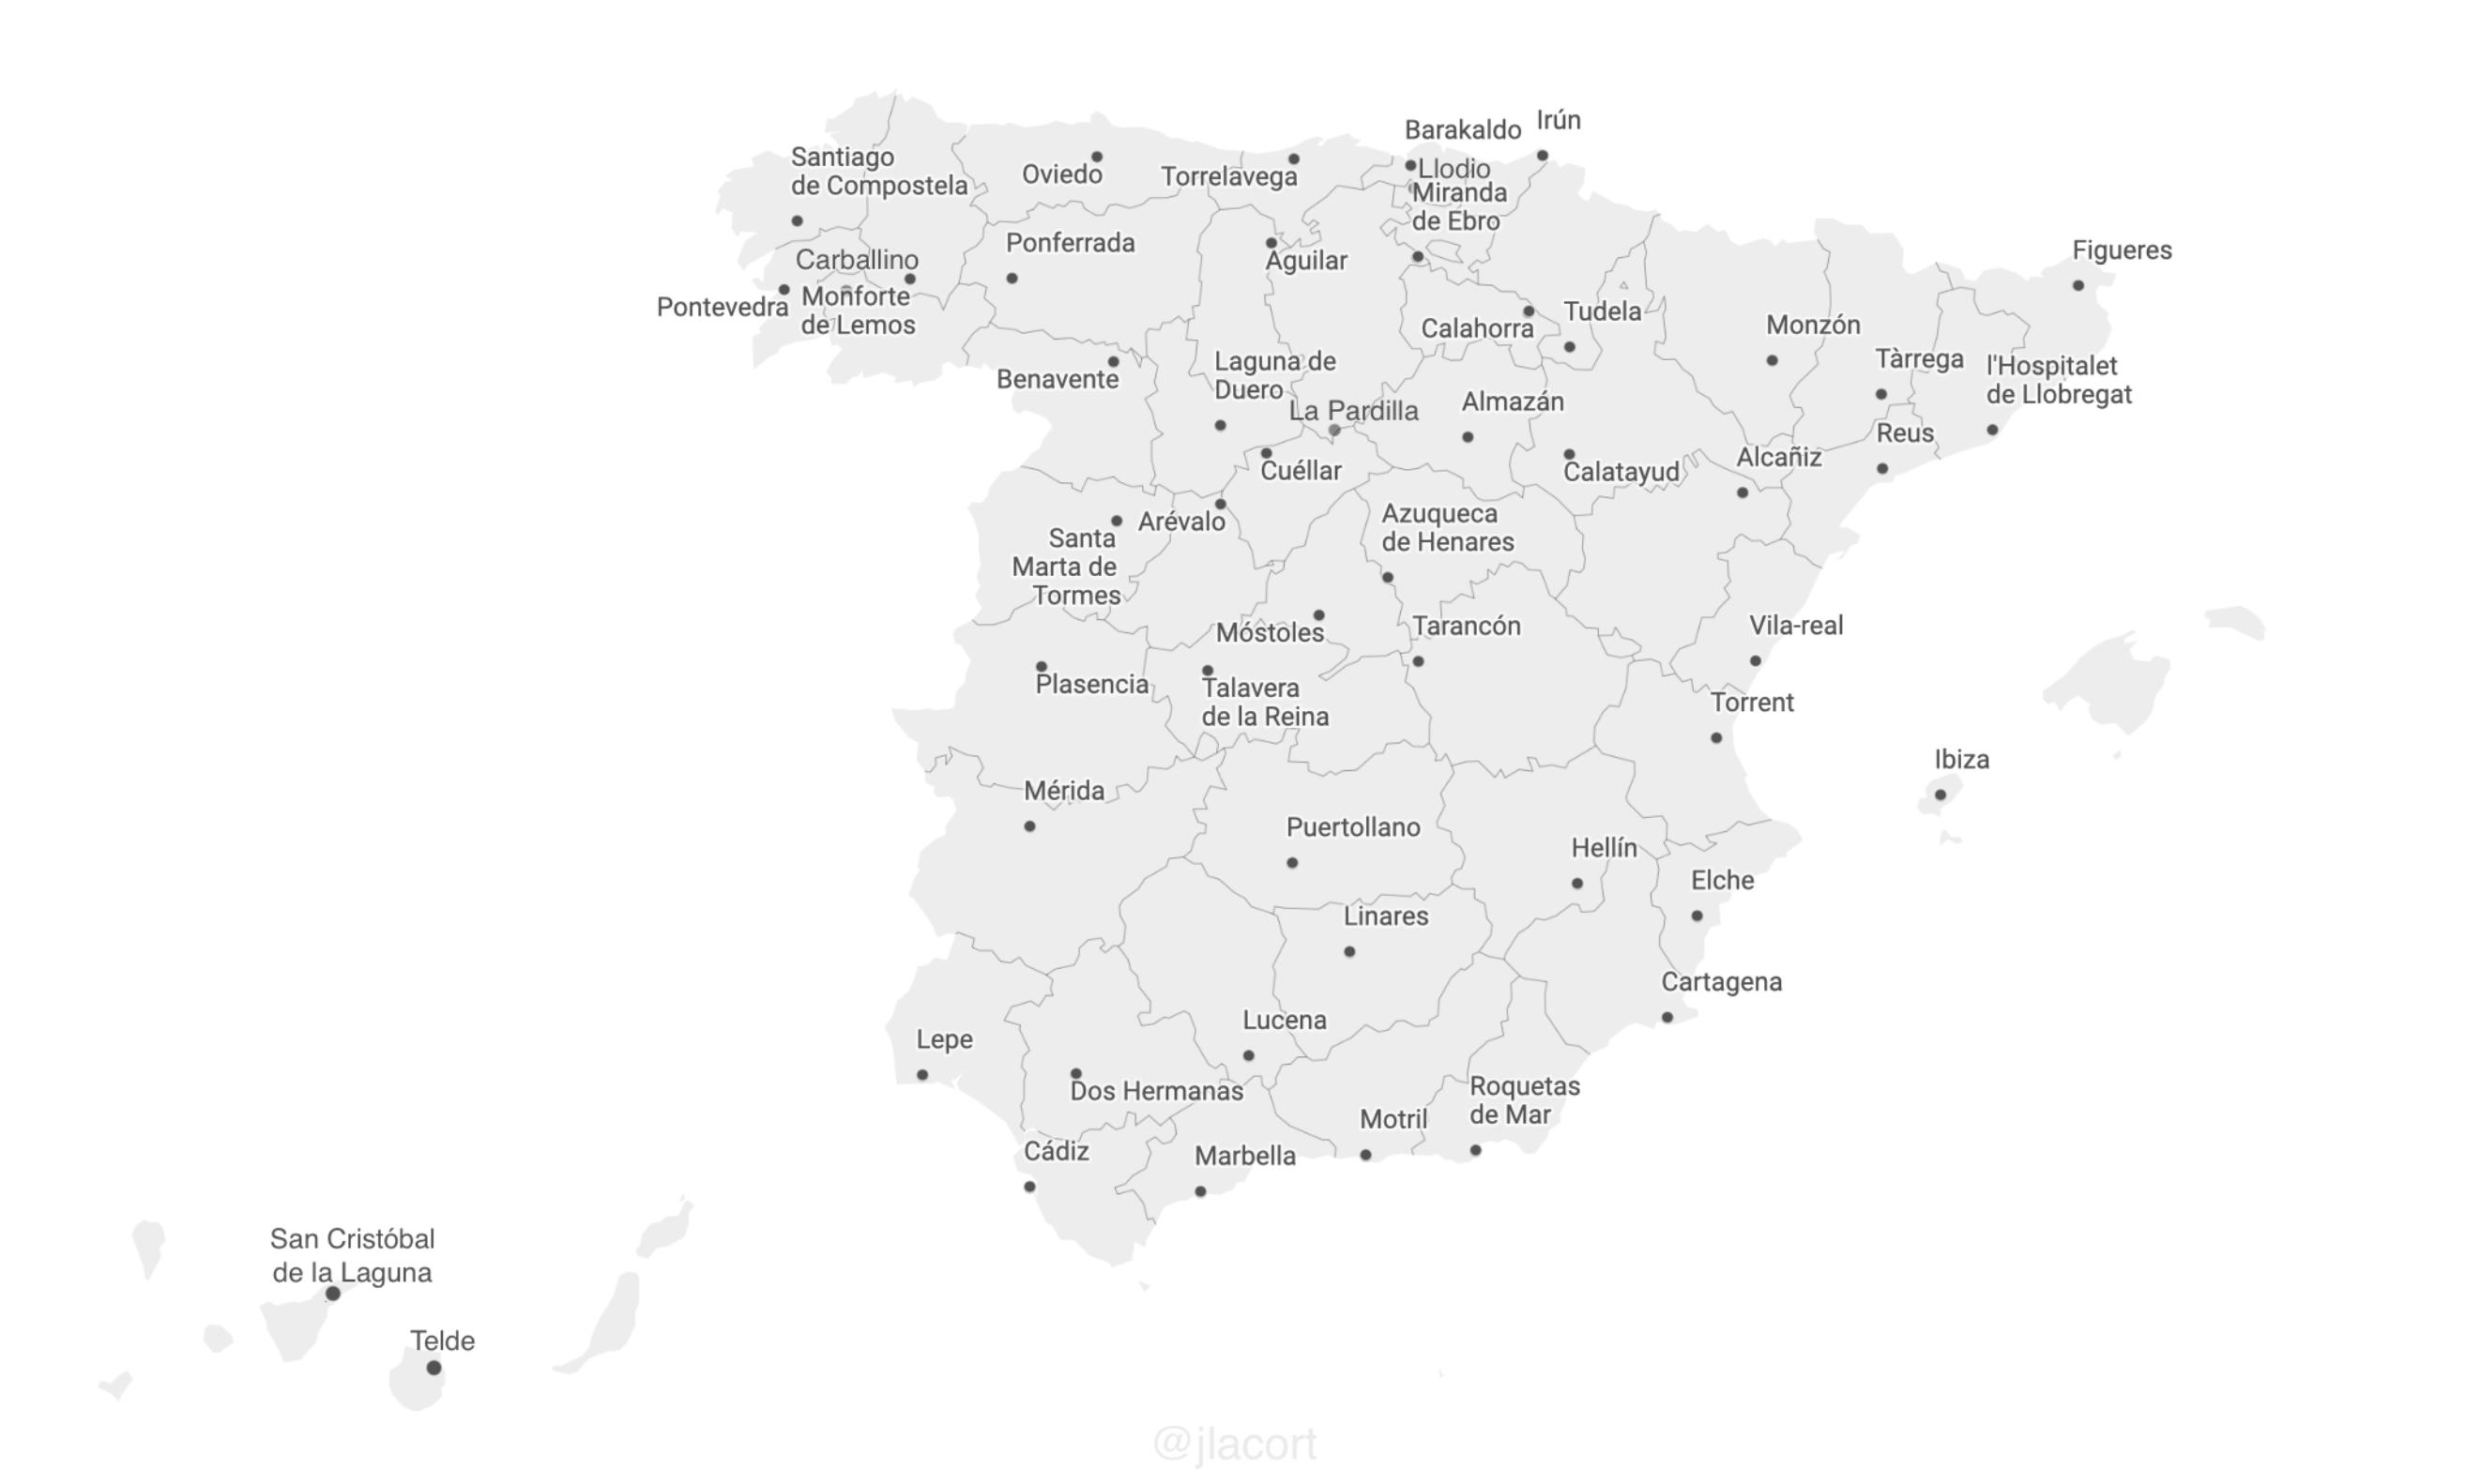 Un mapa curioso: El segundo municipio más poblado de cada provincia 1